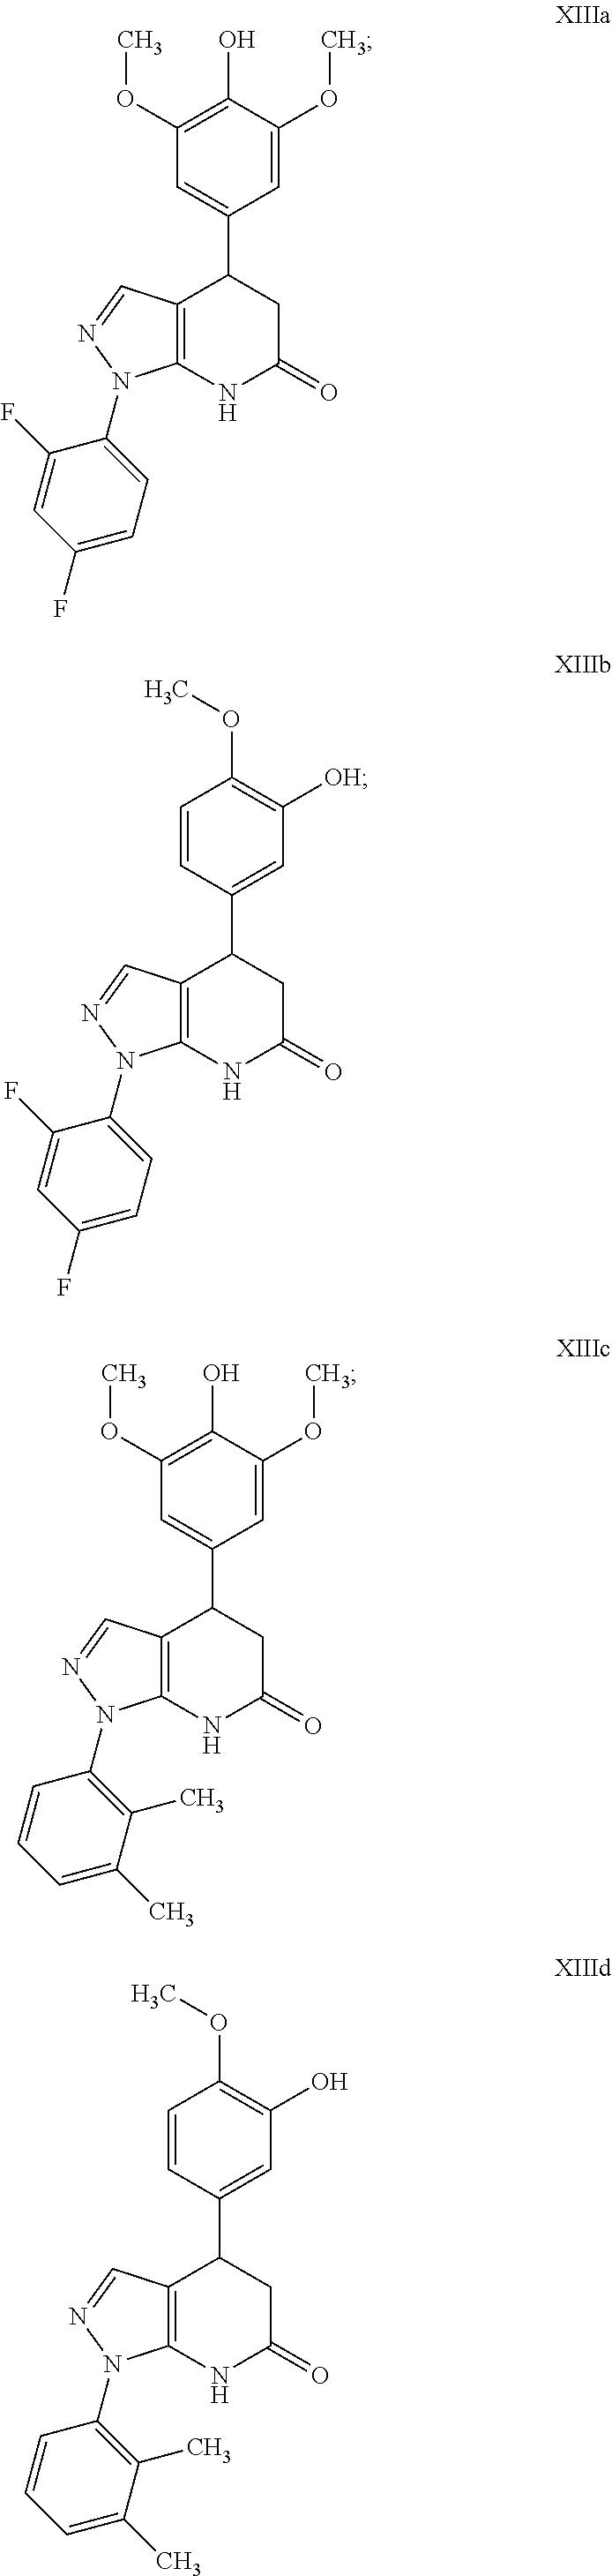 Figure US09085585-20150721-C00055